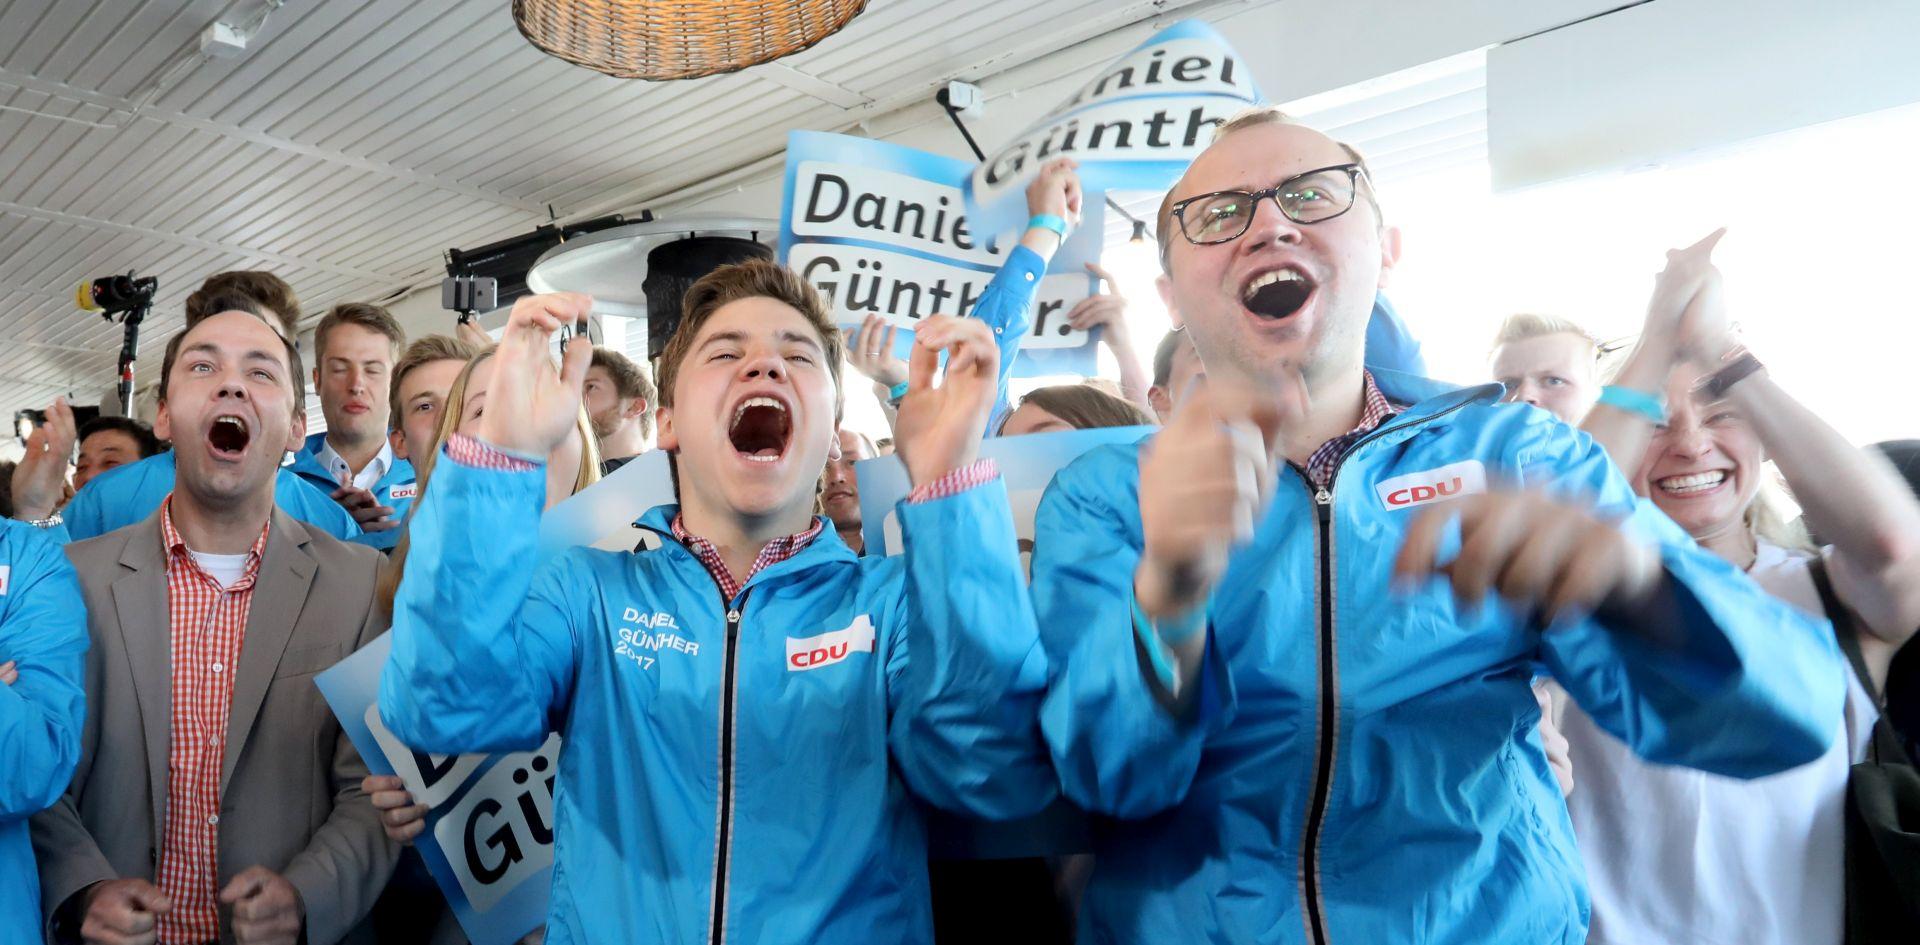 IZBORI U SCHLESWIG-HOLSTEINU Pobjeda CDU-a Angele Merkel